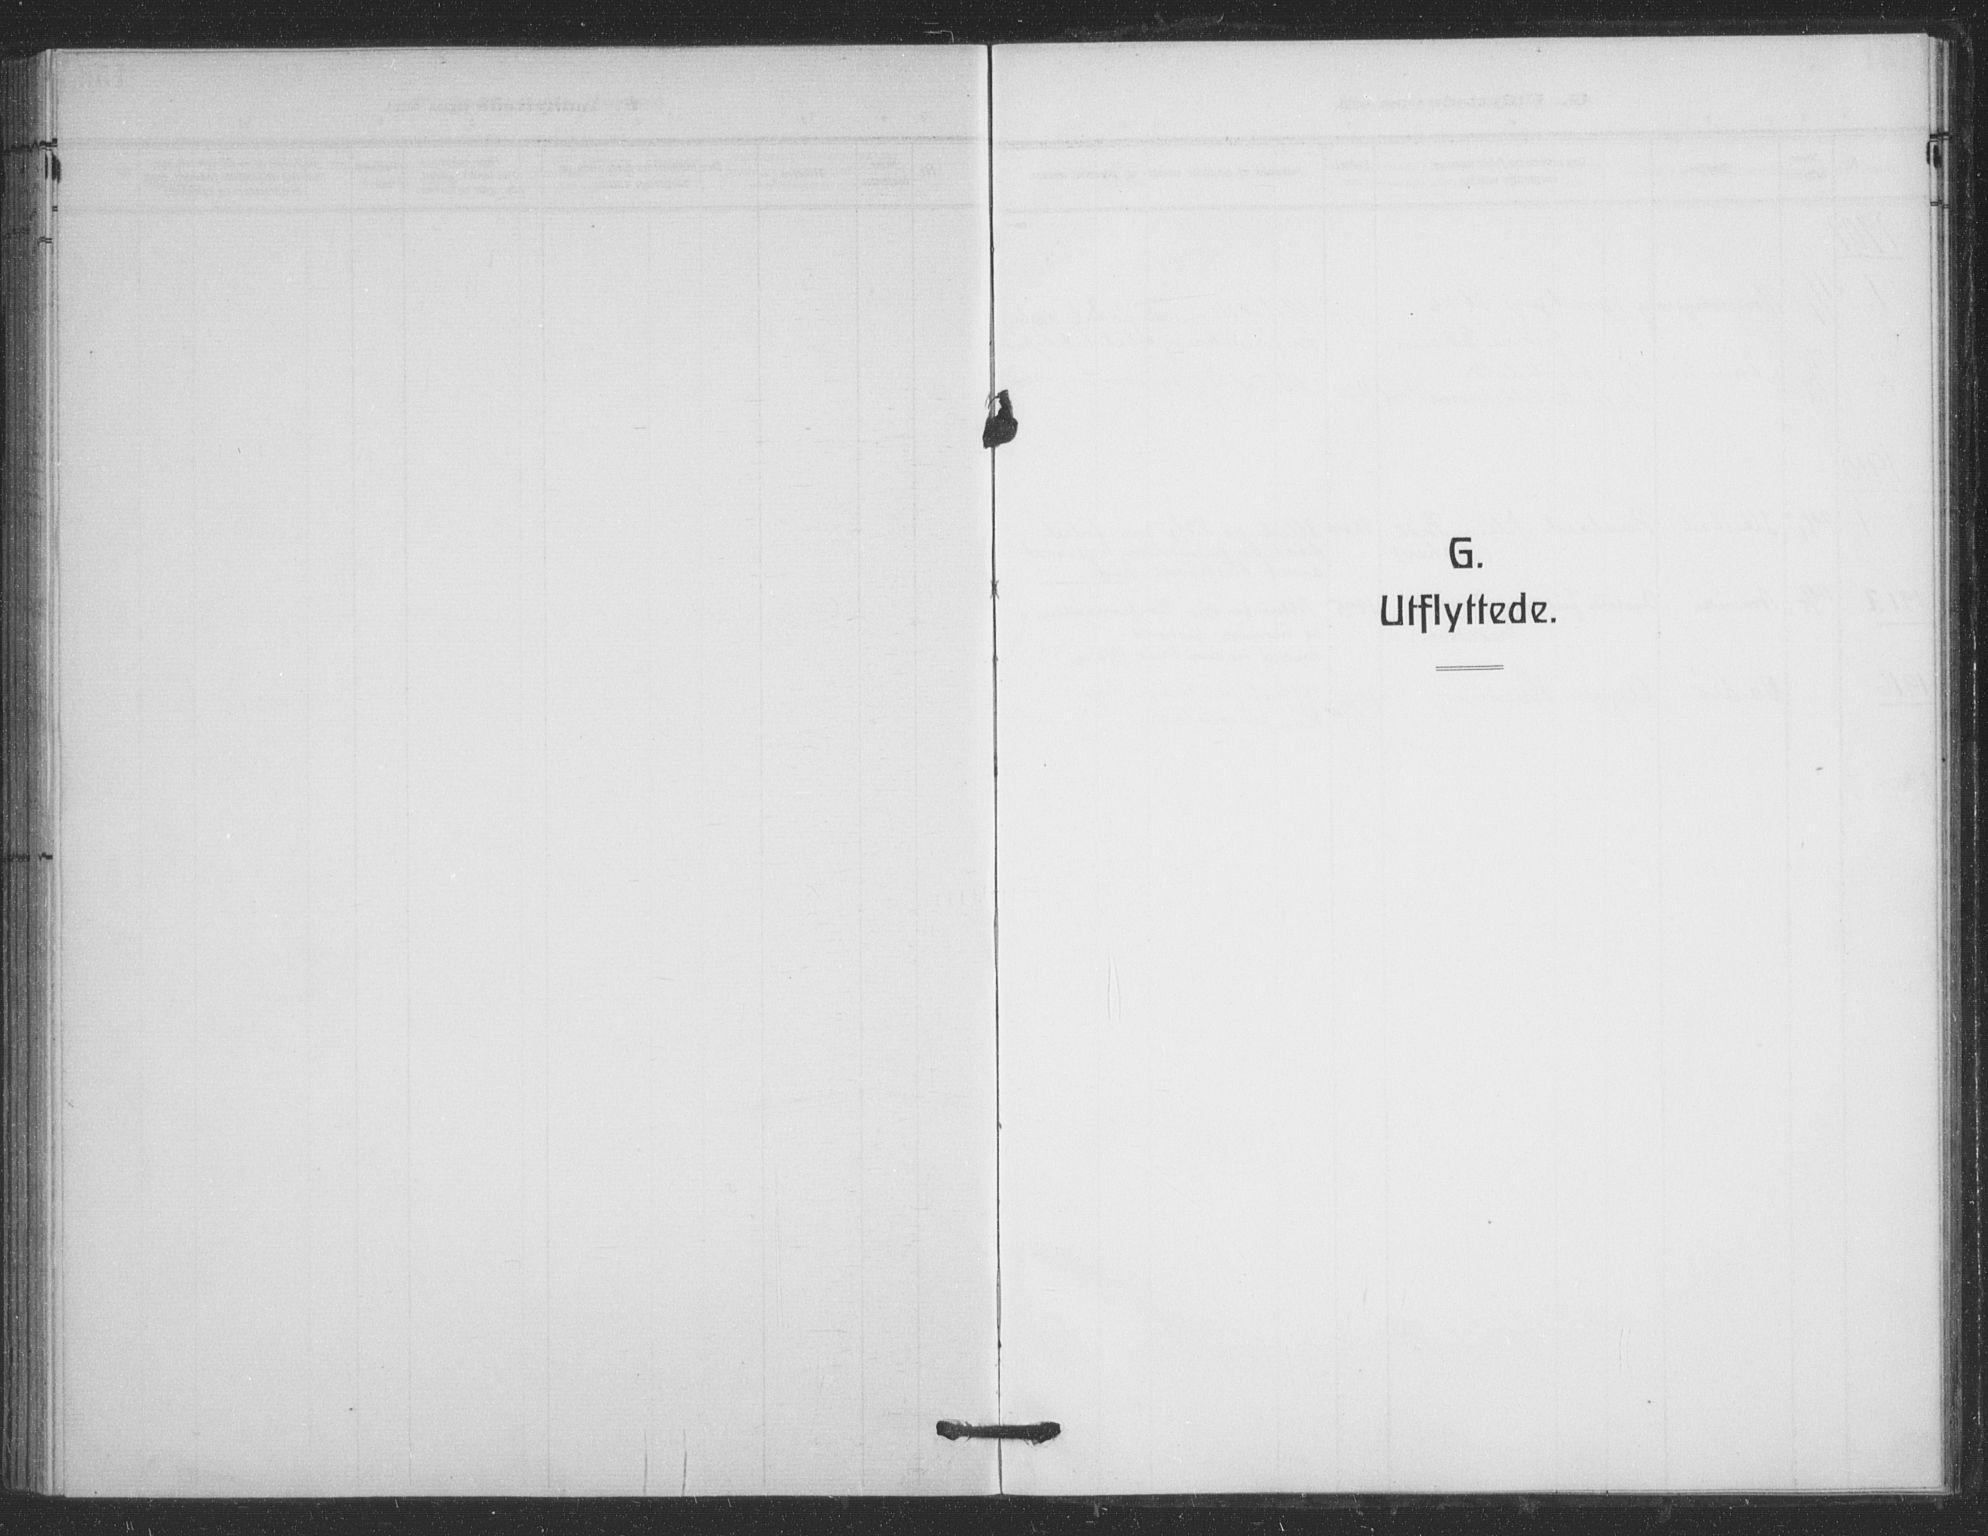 SATØ, Tana sokneprestkontor, H/Ha/L0008kirke: Ministerialbok nr. 8, 1908-1920